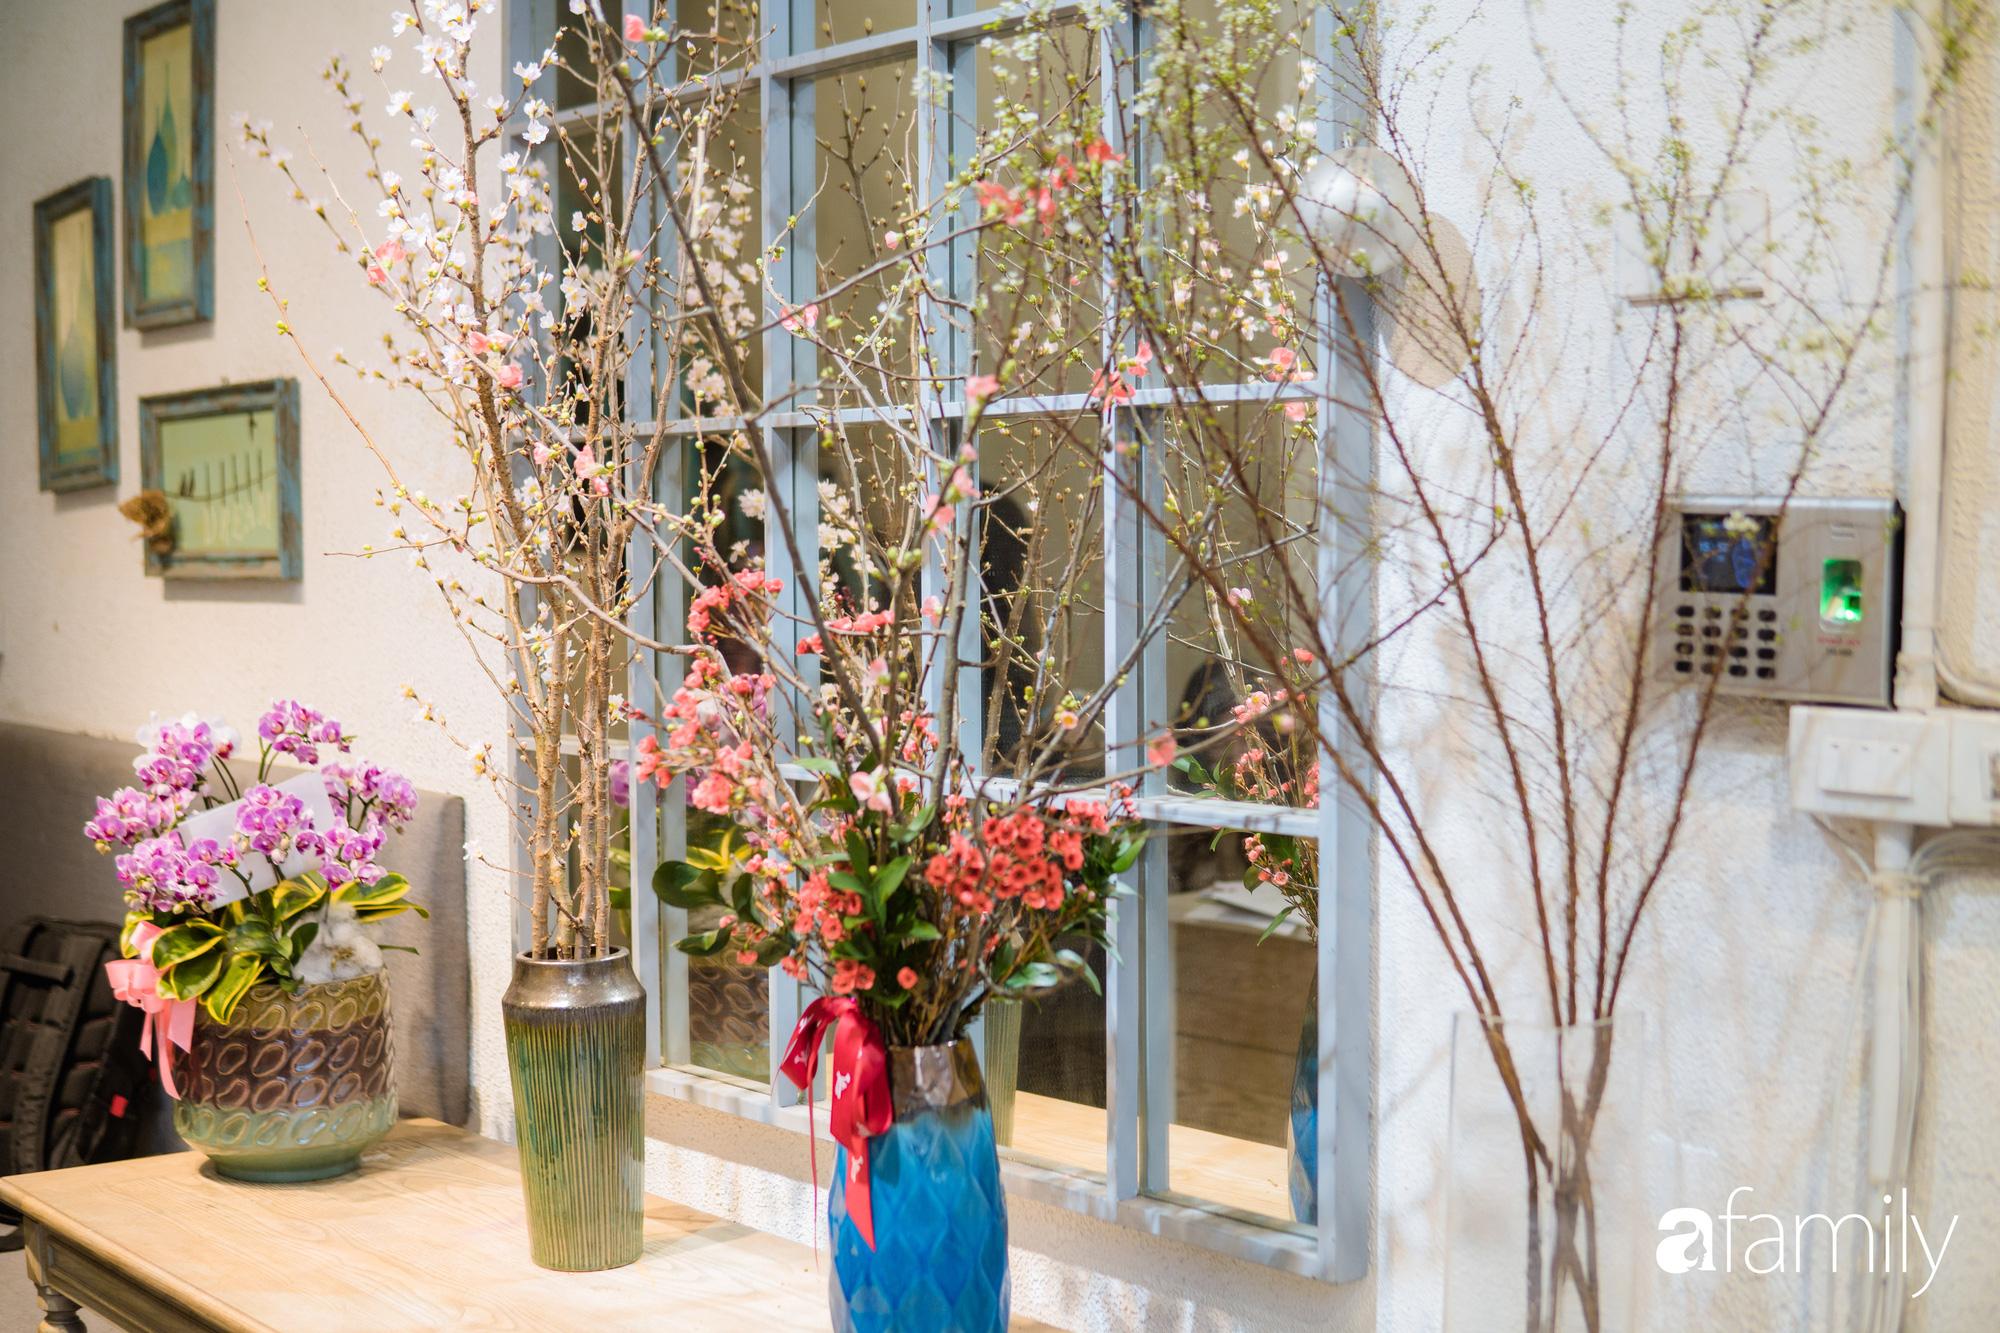 """Ngắm những loài hoa nhập khẩu đẹp lạ """"sang chảnh"""" để hiểu tại sao các đại gia Hà thành sẵn sàng chi 50 triệu sắm hoa đẹp chơi Tết - Ảnh 3."""